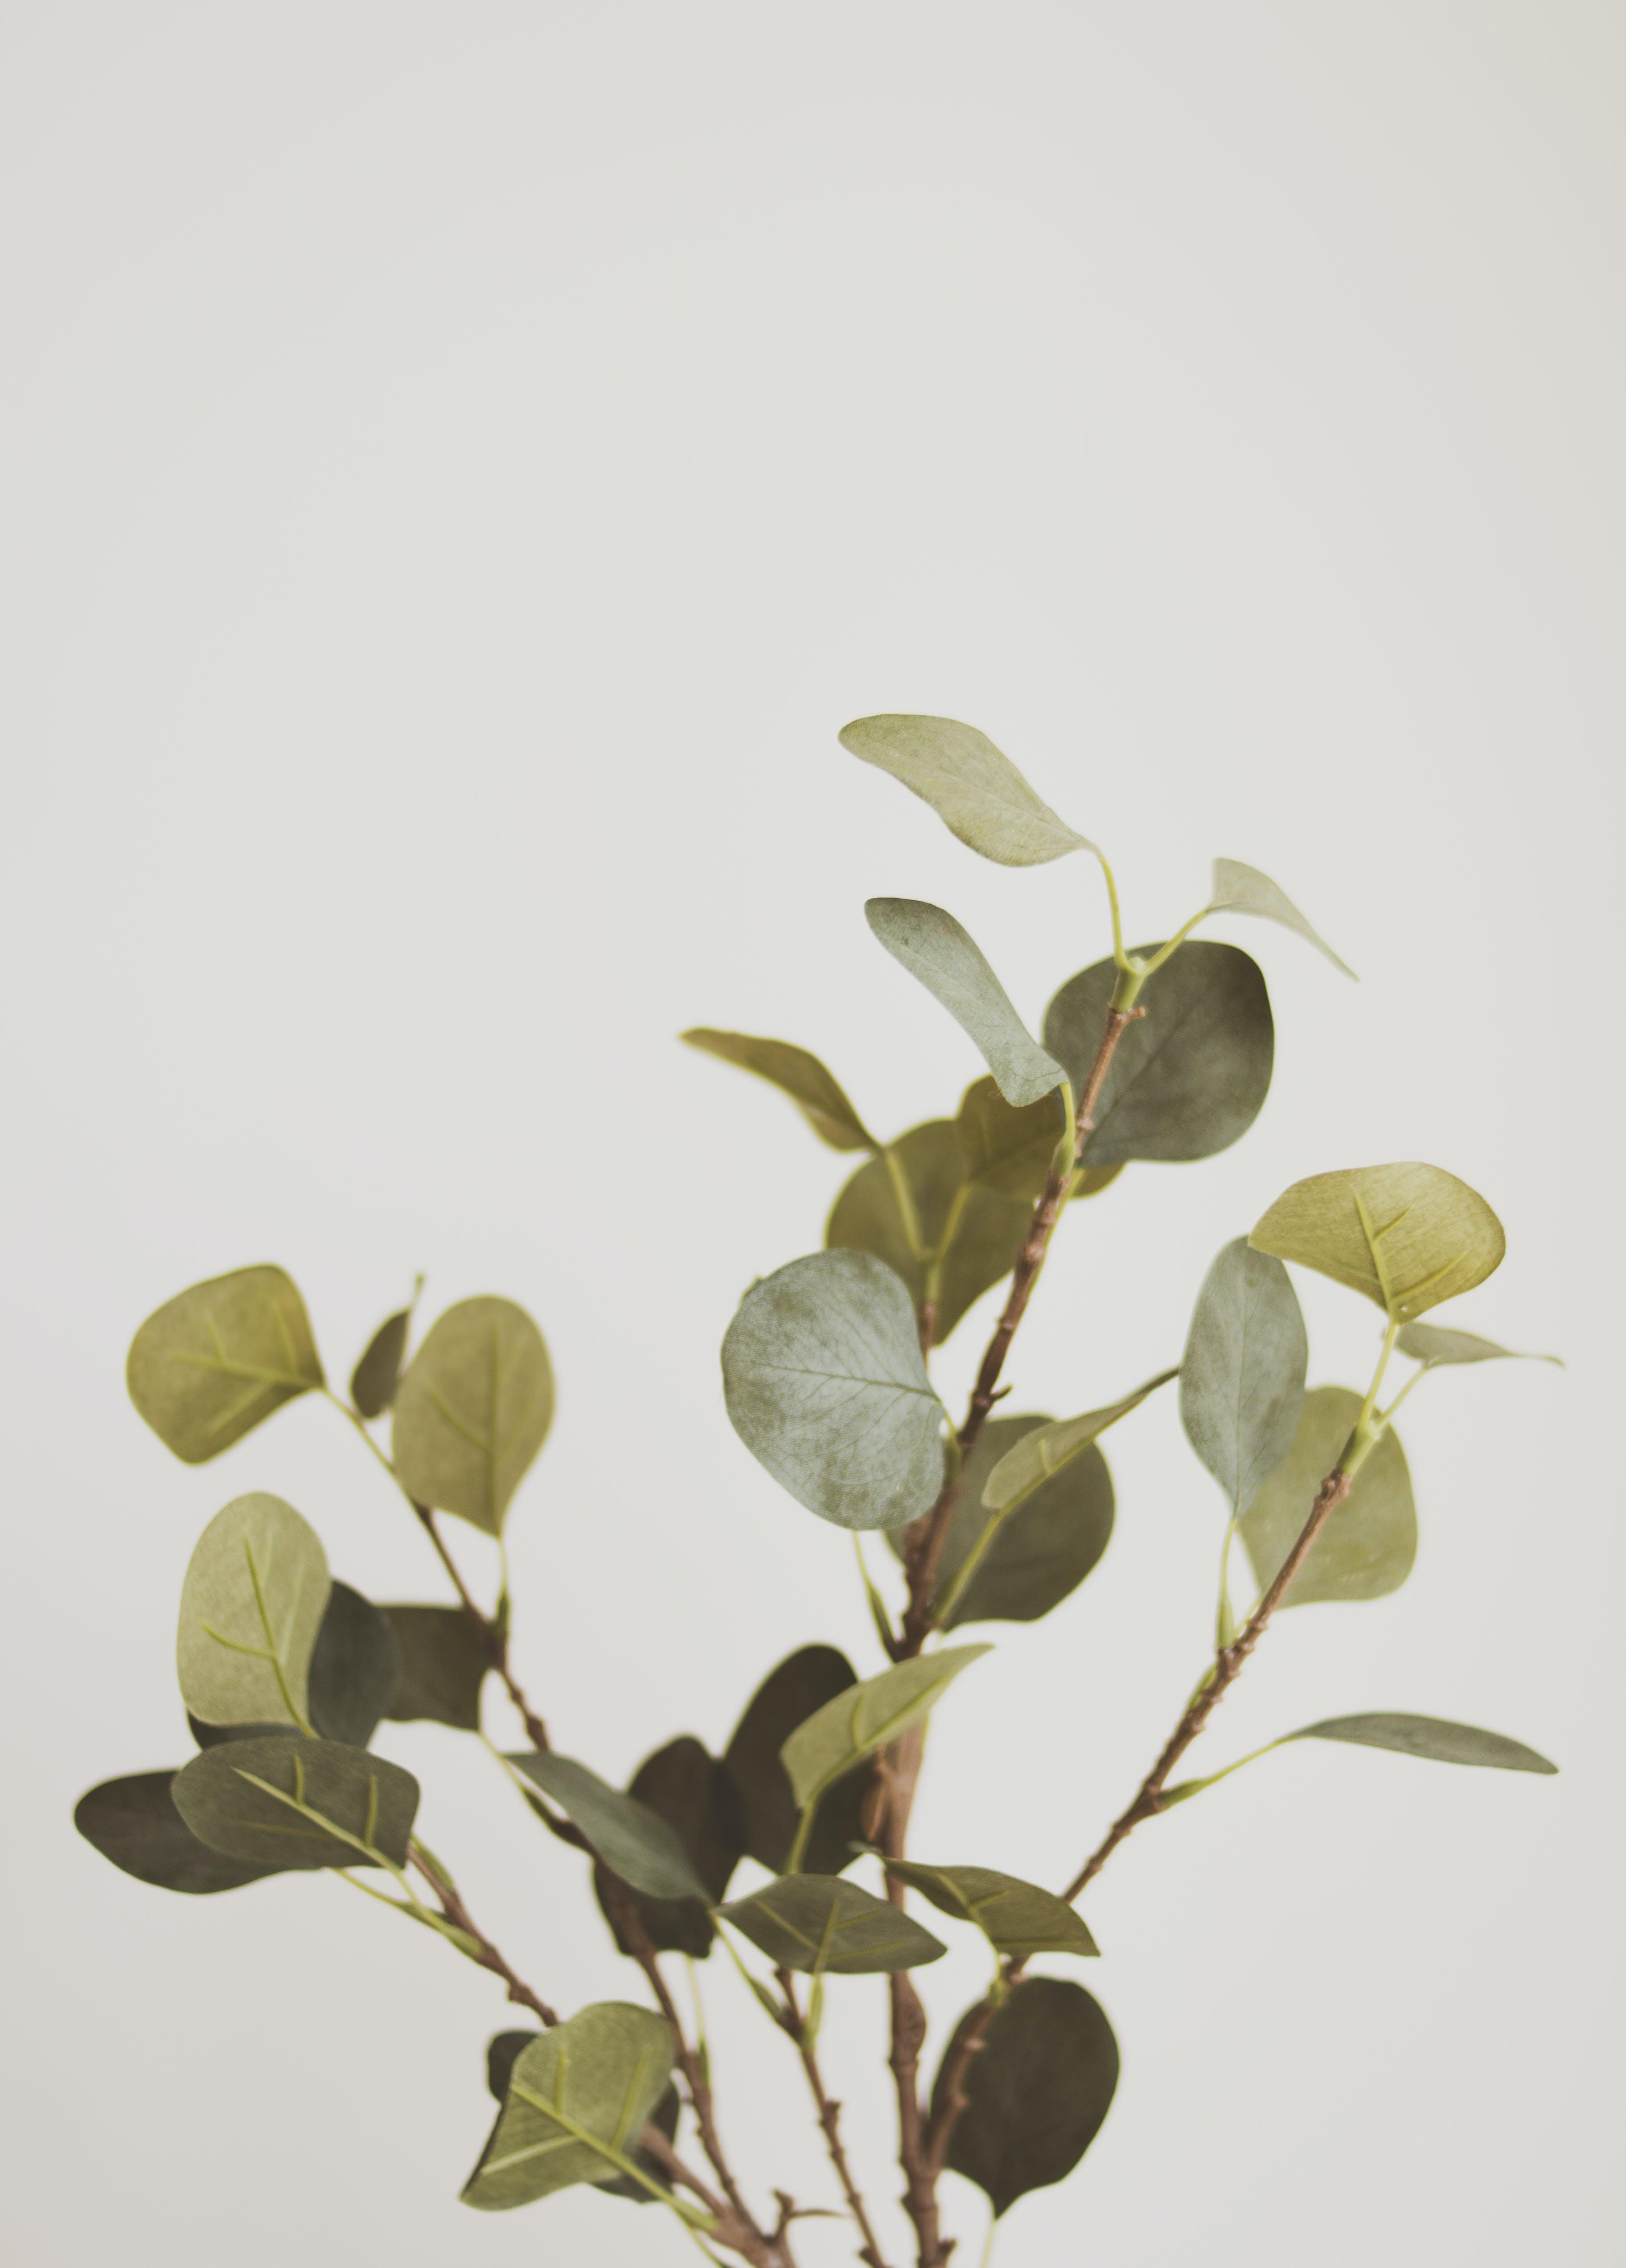 Kostenloses Stock Foto zu blätter, botanisch, frisch, frische